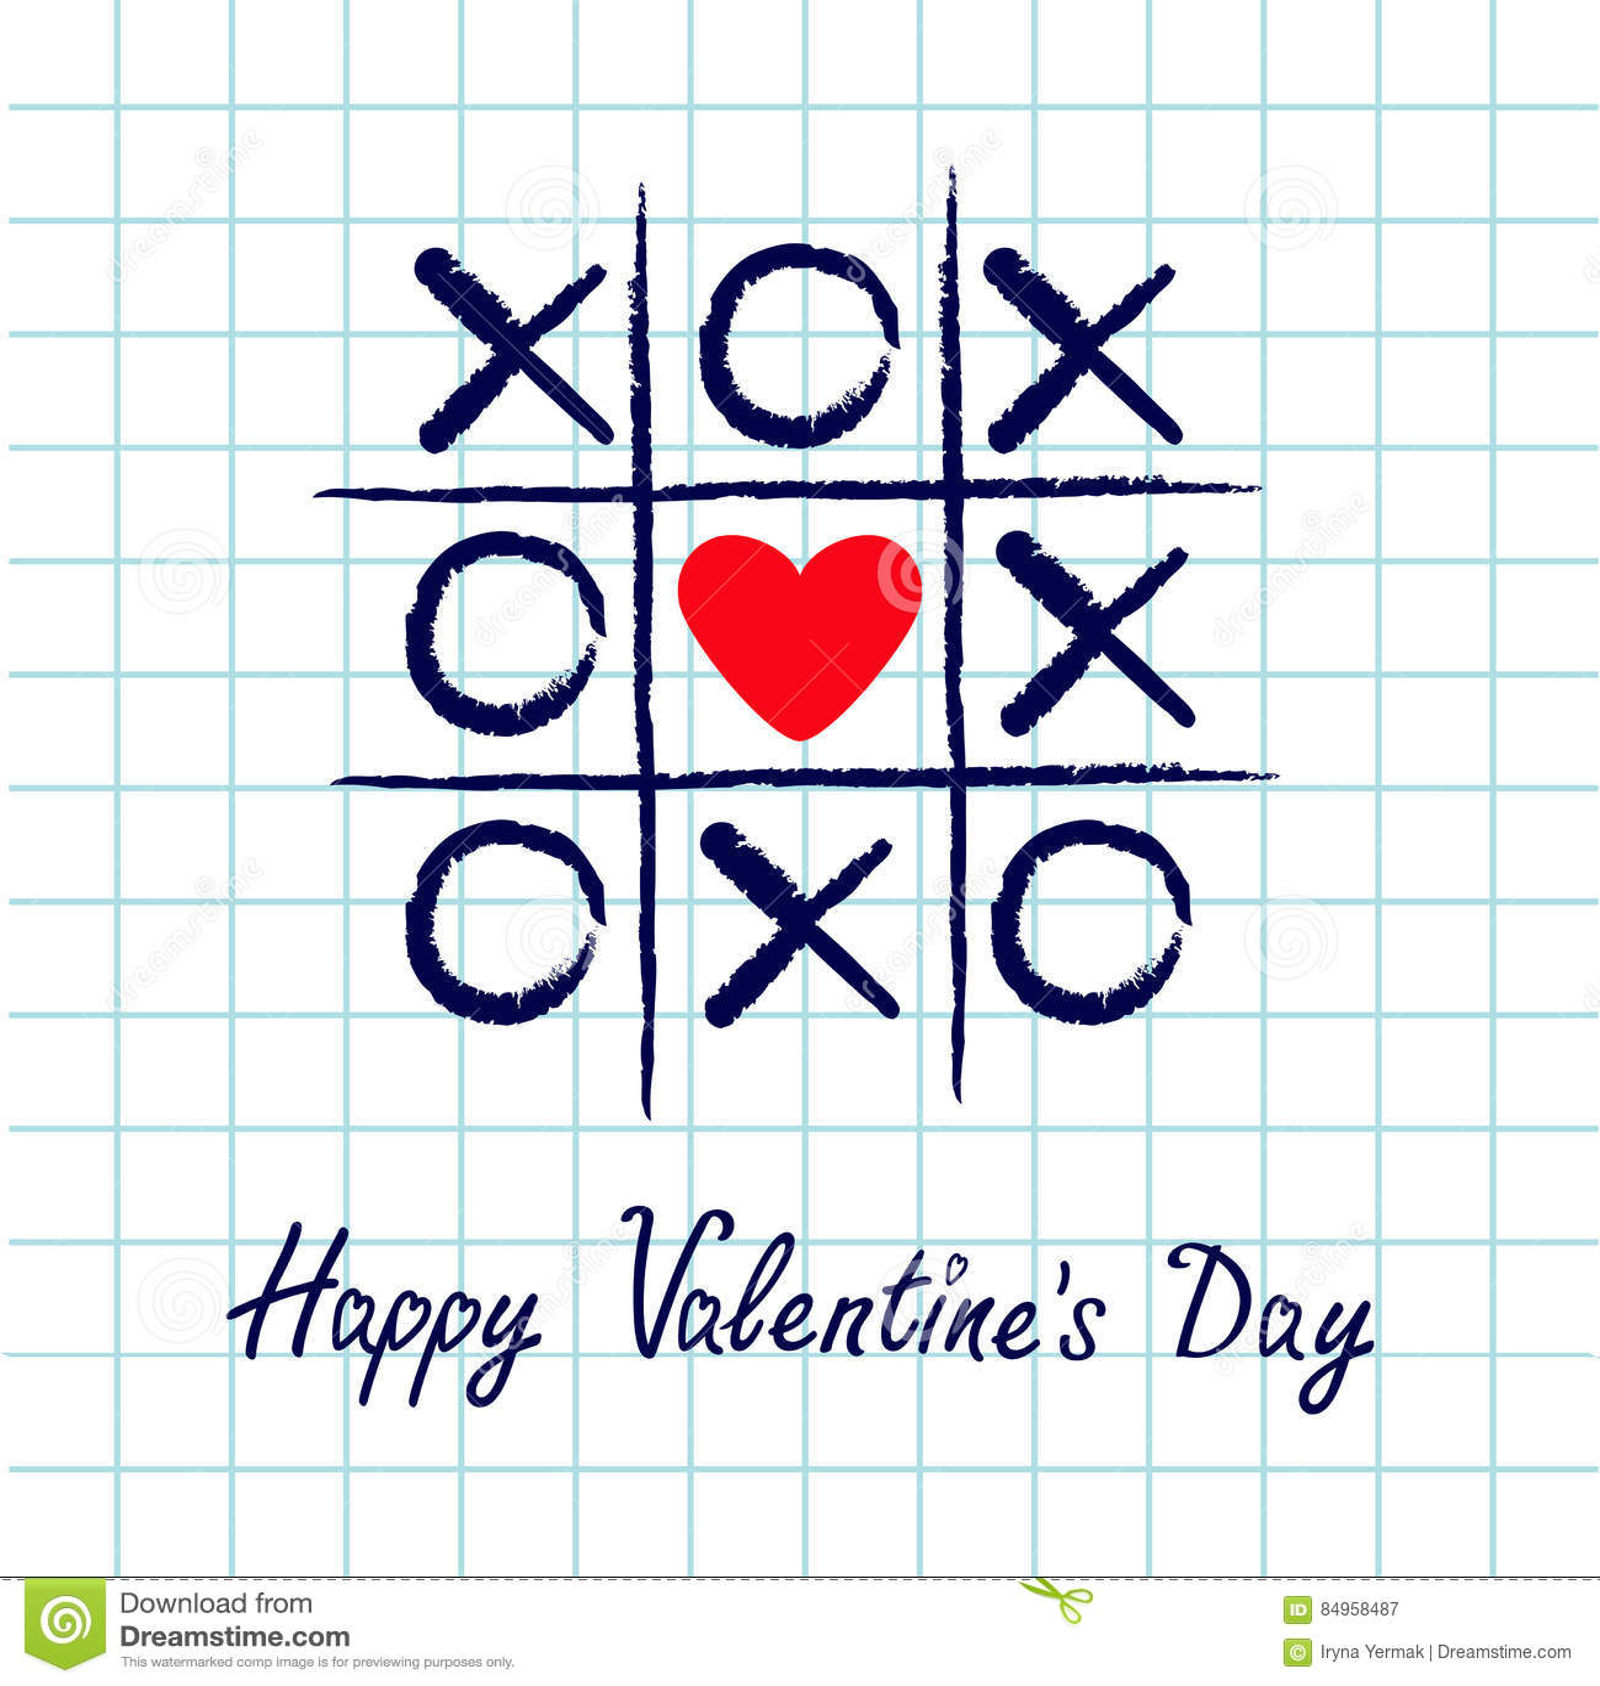 Tictac teenspel met het tekenteken XOXO van het criss dwars en rood hart Hand getrokken blauwe penborstel Krabbellijn De gelukkig